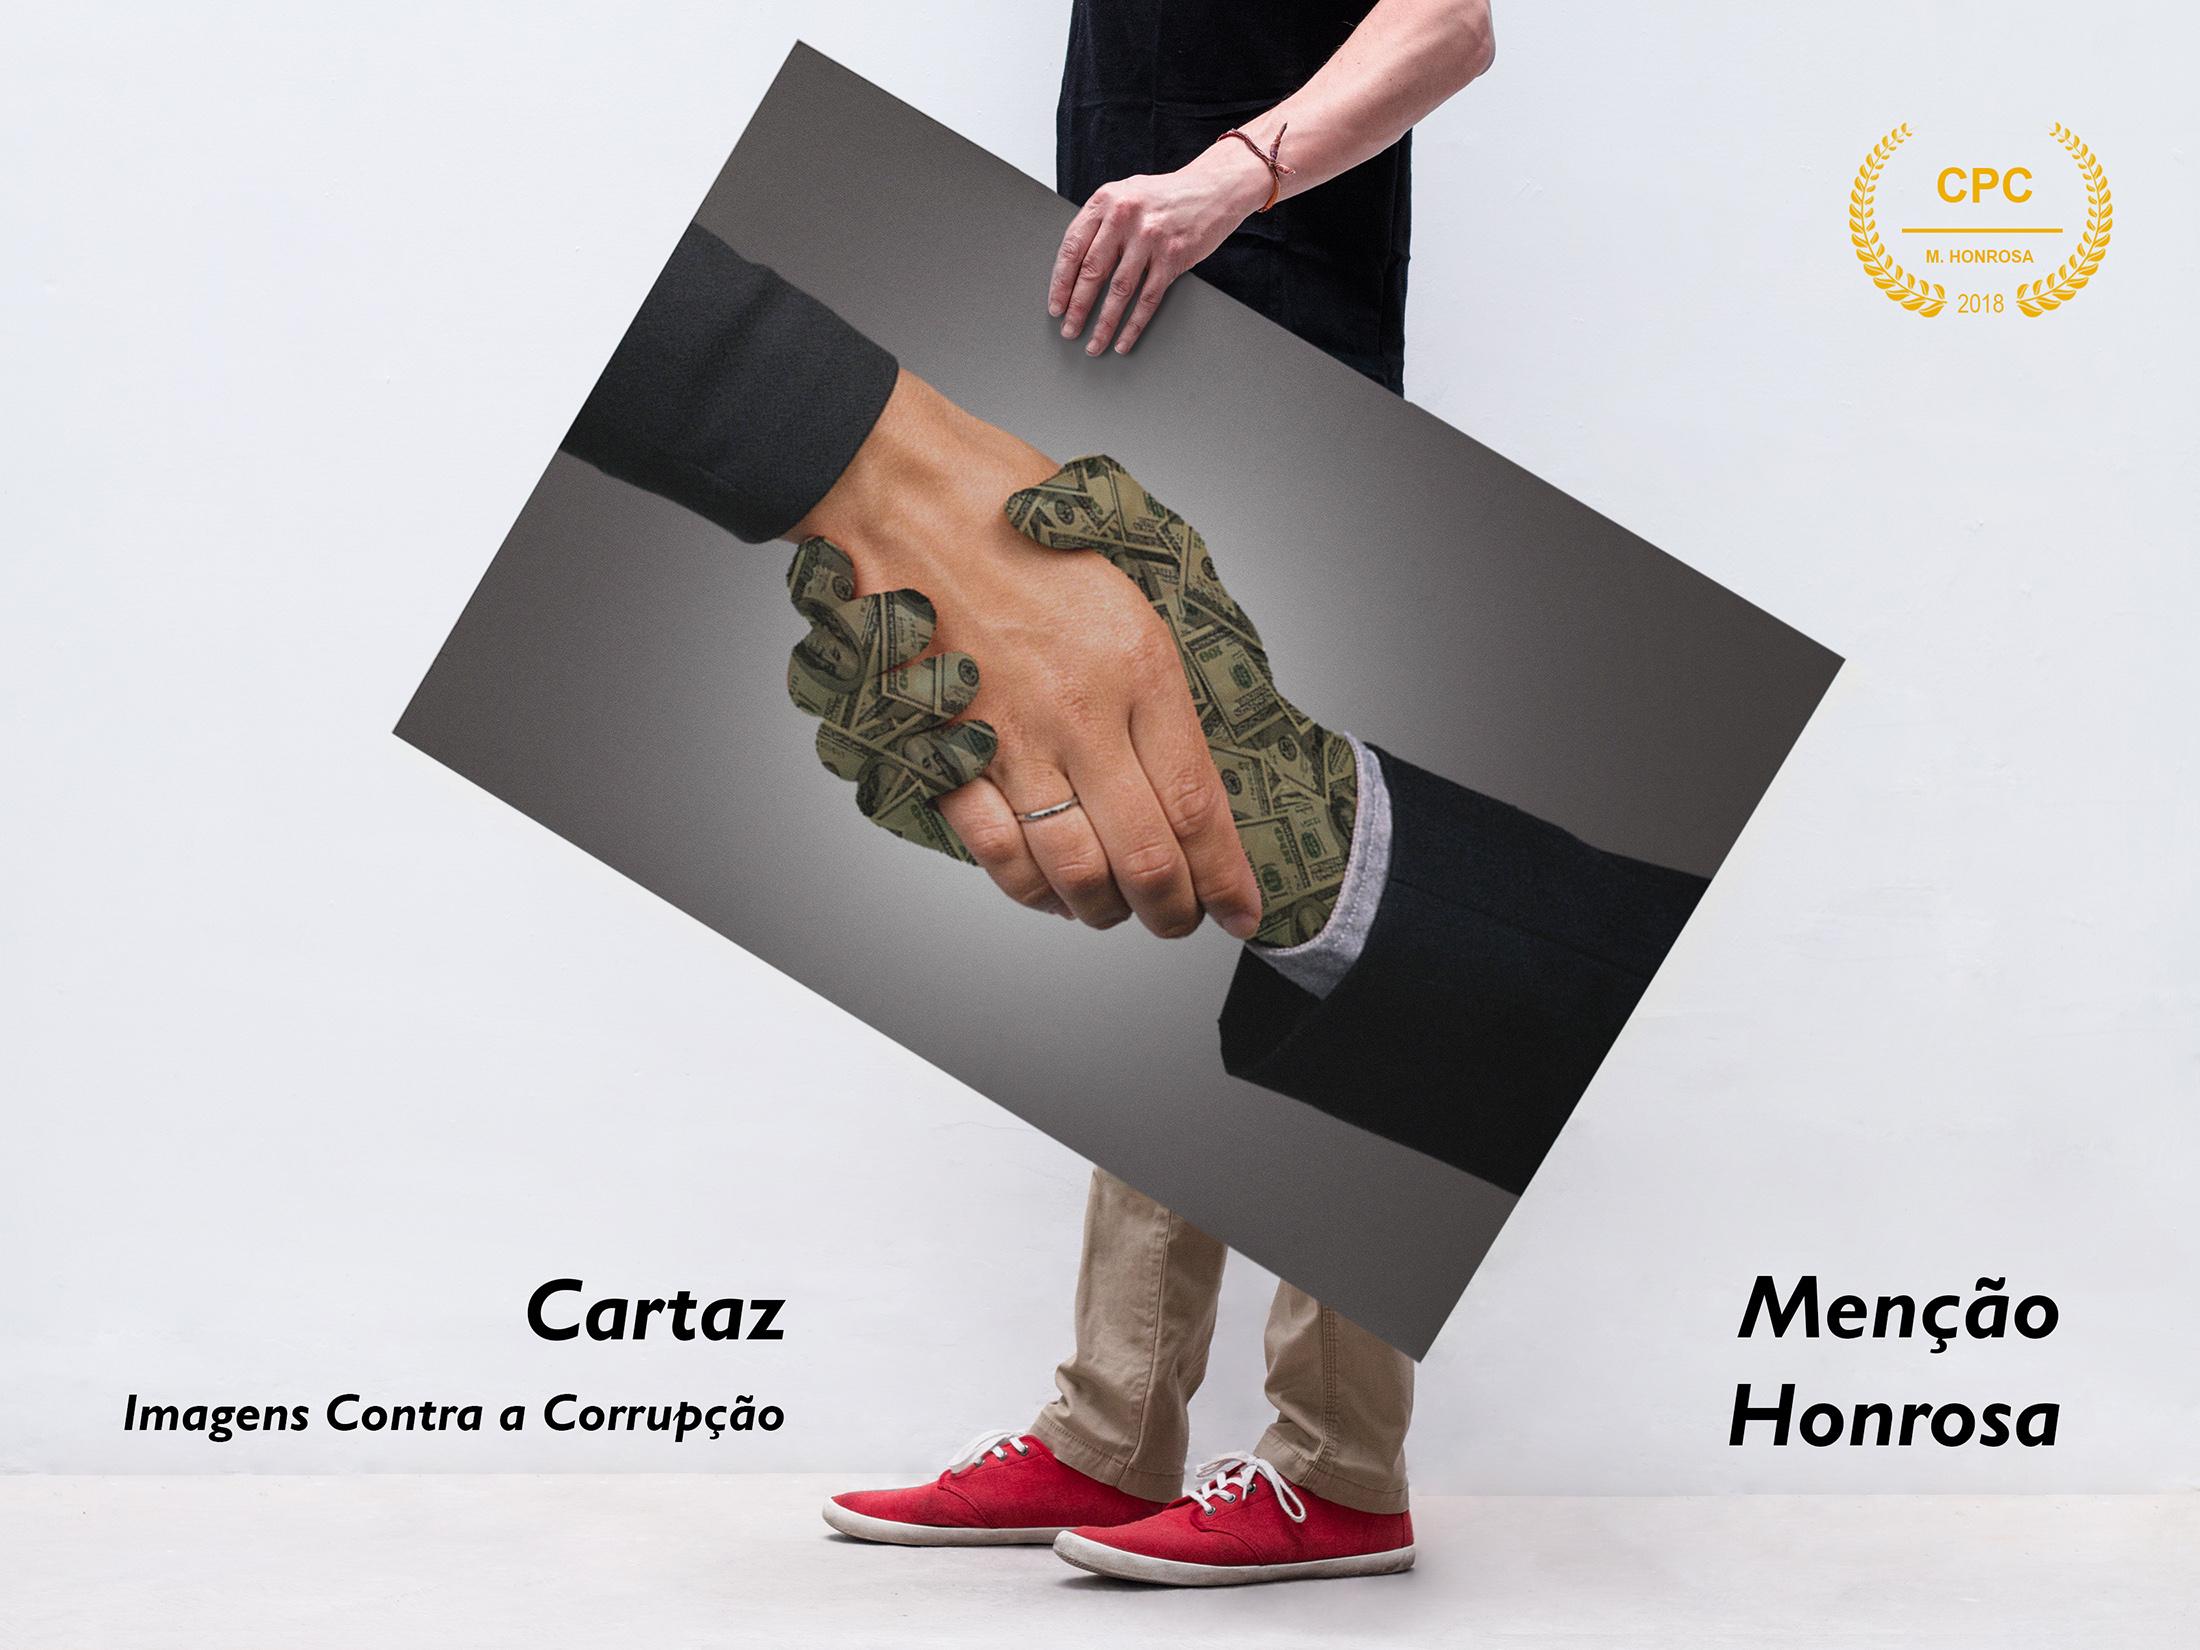 cartaz_contra_a_corrupçao